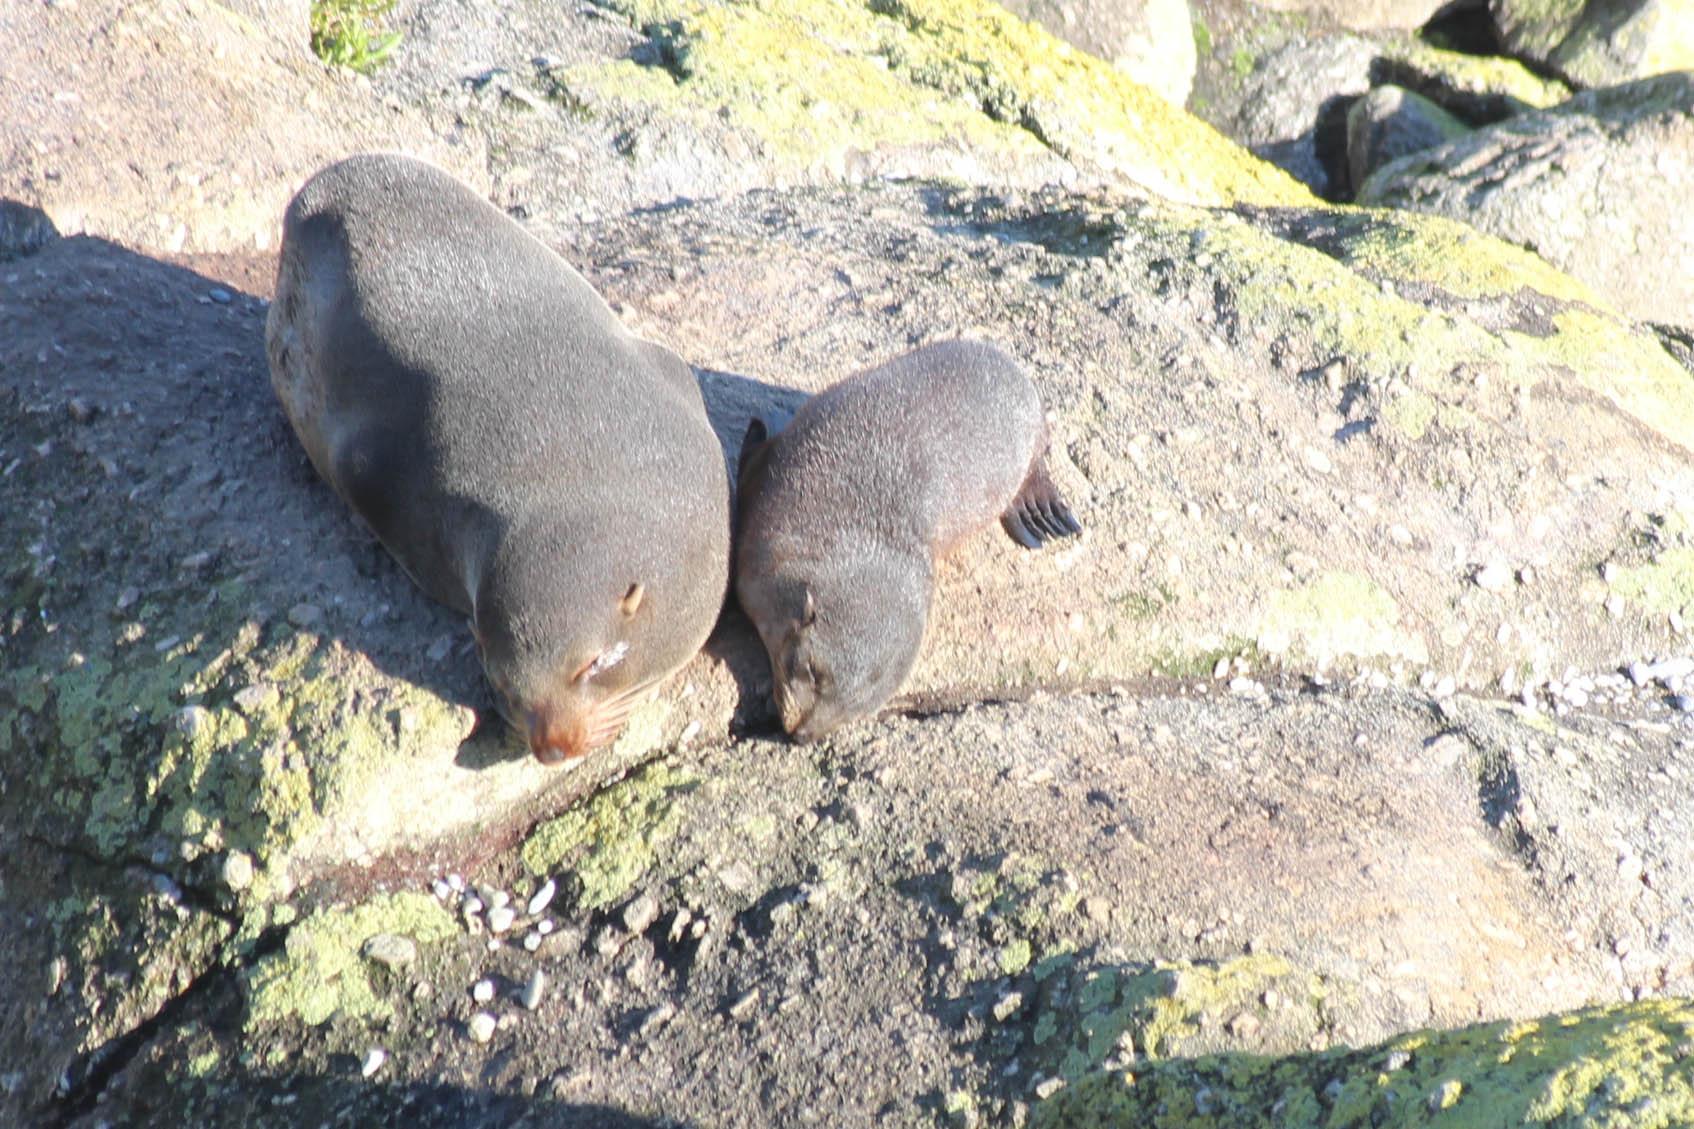 Nouvelle Zélande - Cape Foulwind - les lubies de louise (5 sur 21)